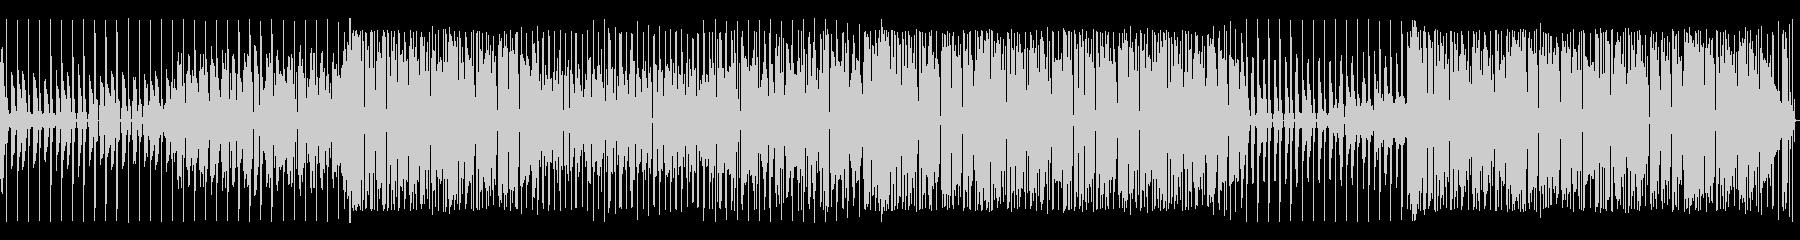 ジャミロクワイ風ファンキートラックの未再生の波形